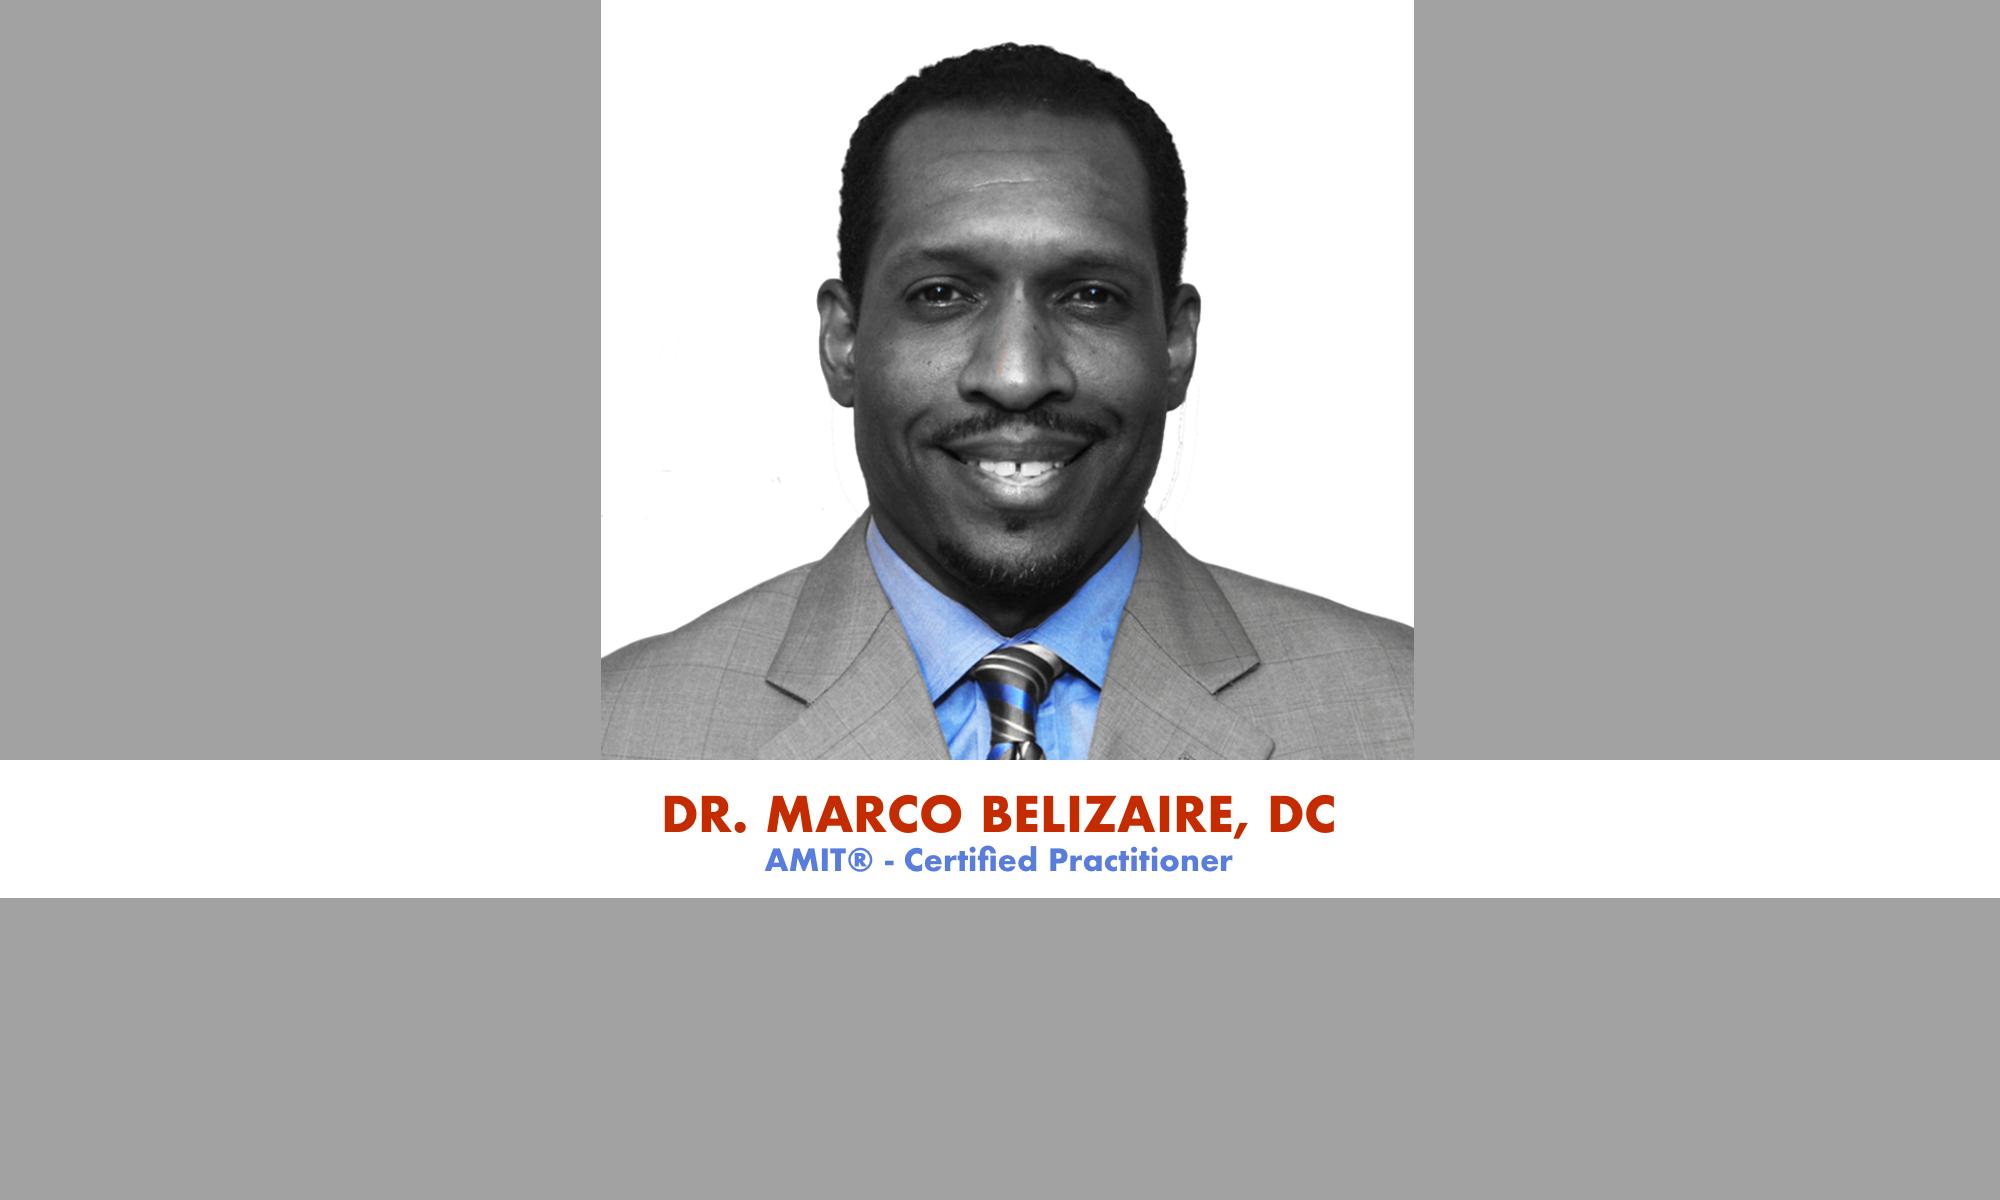 Athletics DC - Dr. Marco Belizaire